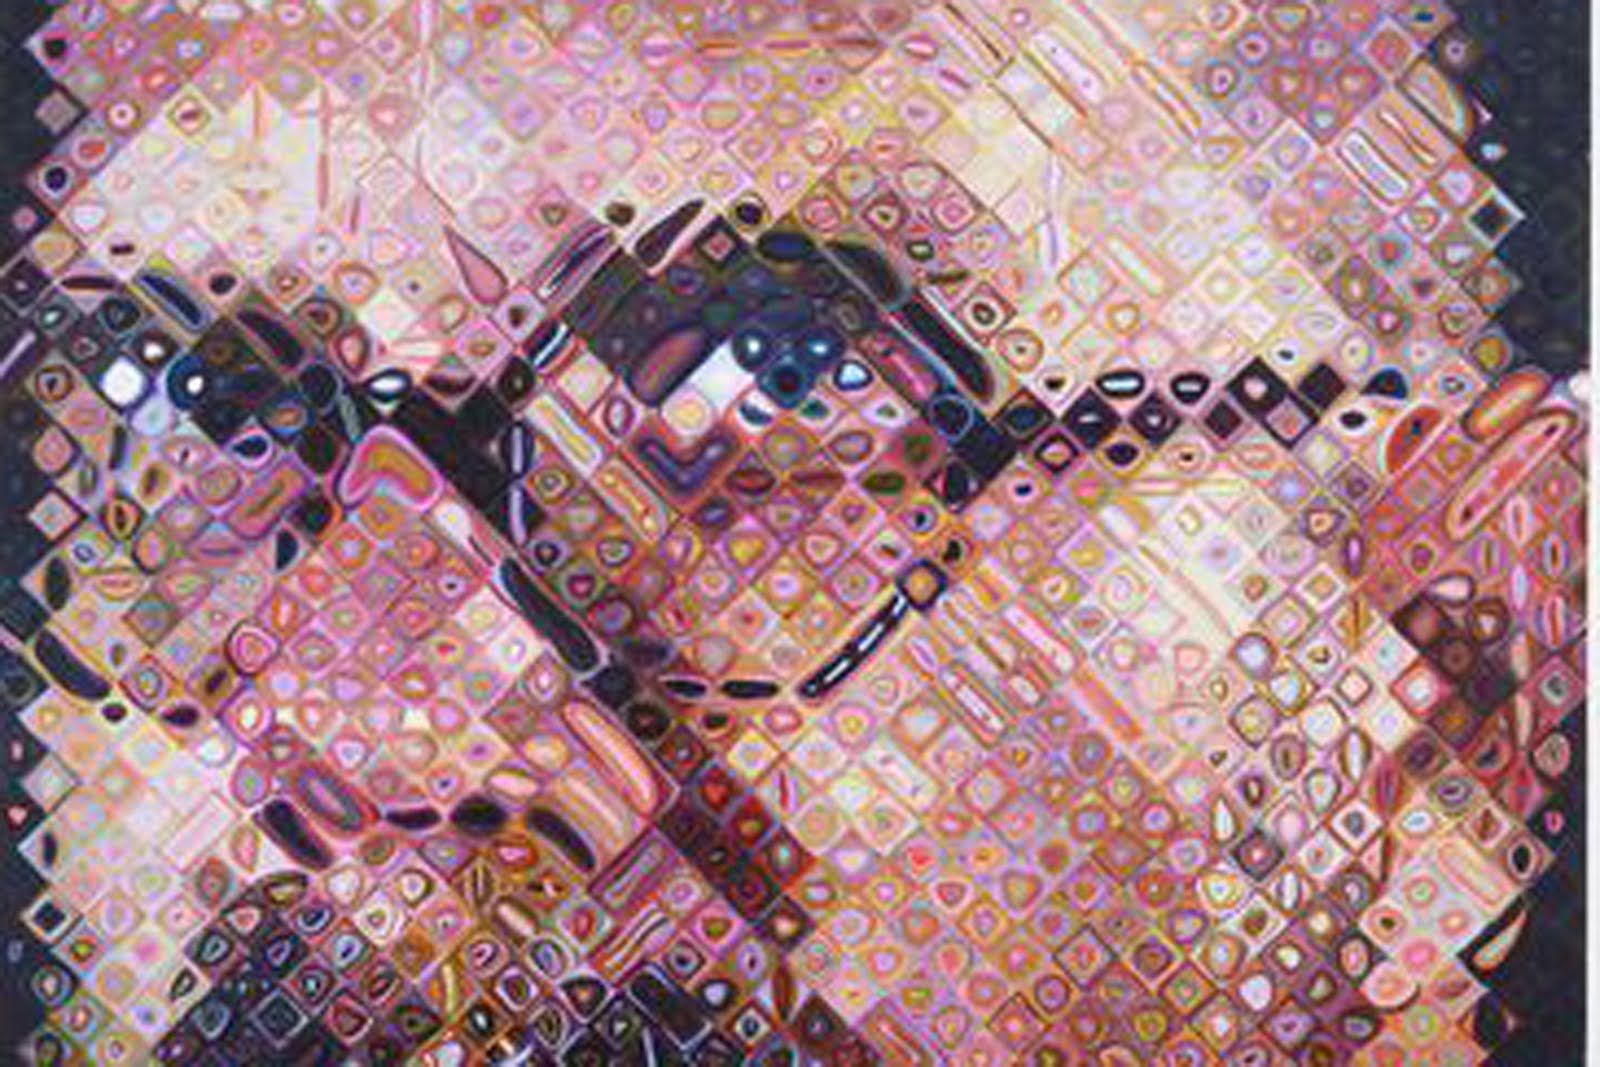 http://2.bp.blogspot.com/_3opif2gdz-A/S8XgbycLYXI/AAAAAAAAAKQ/GbAL26BzqOk/s1600/Chuck+Close.jpg